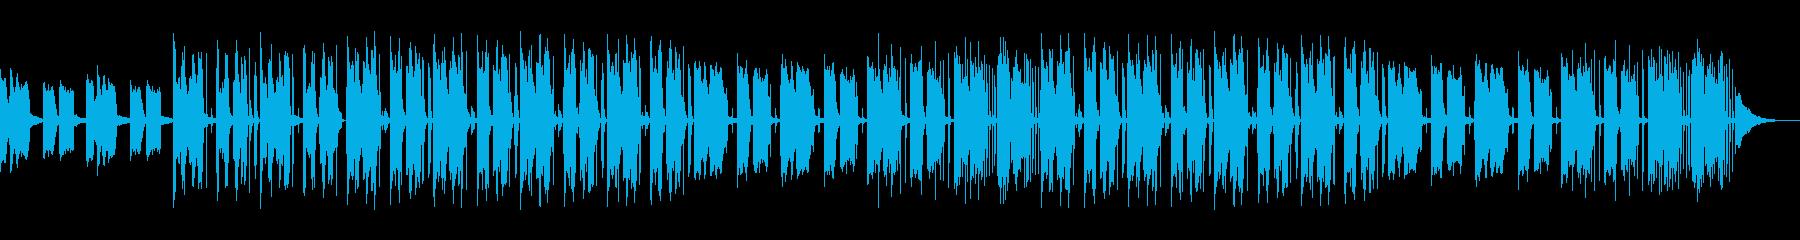 おしゃれで落ち着いたインテリアの紹介映像の再生済みの波形